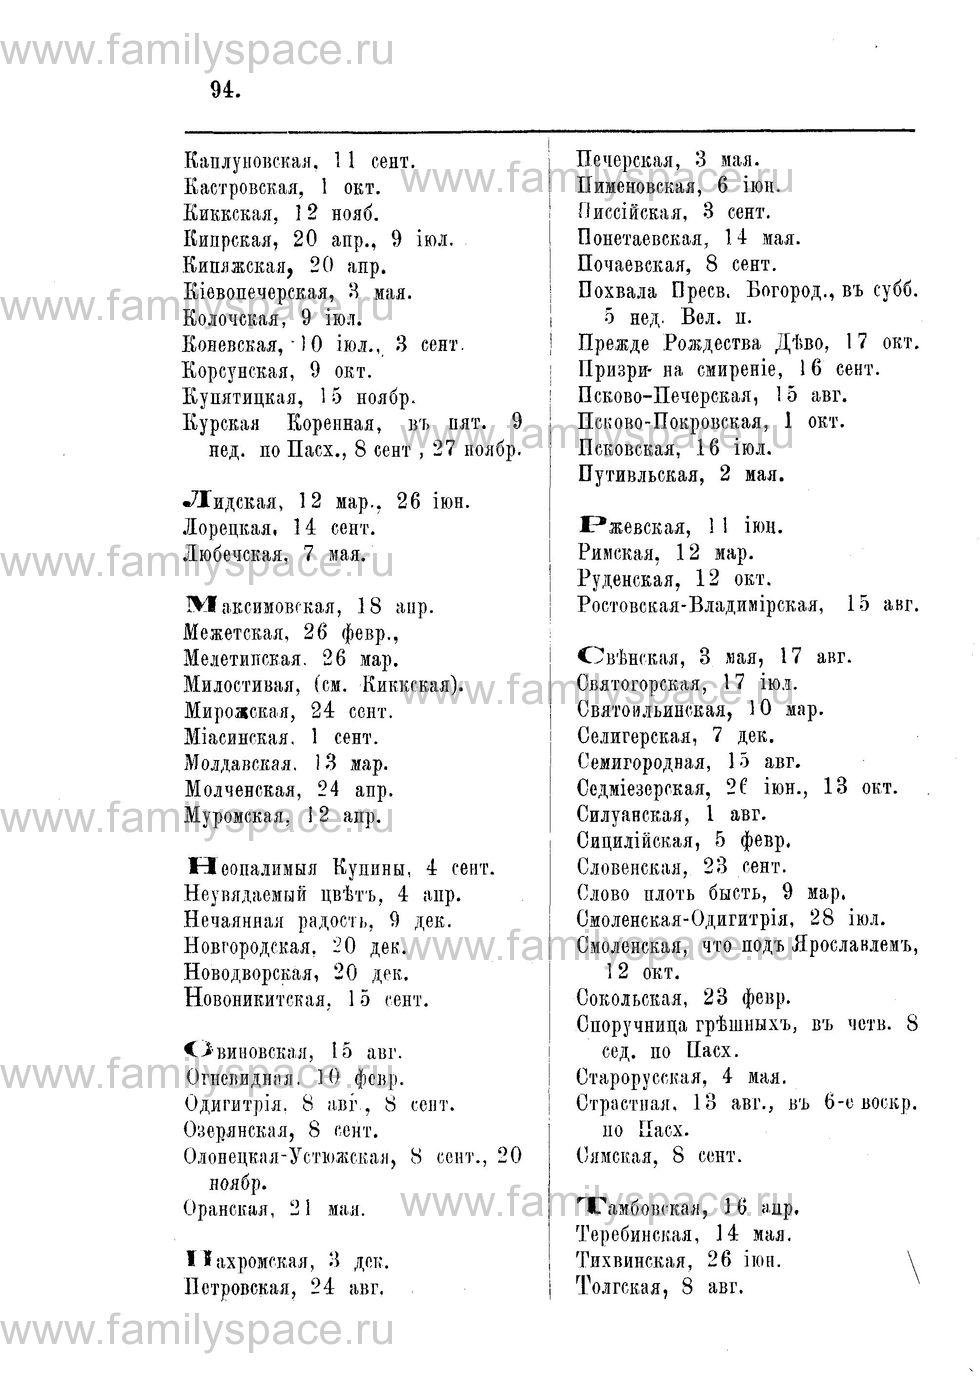 Поиск по фамилии - Адрес-календарь Нижегородской епархии на 1888 год, страница 1094